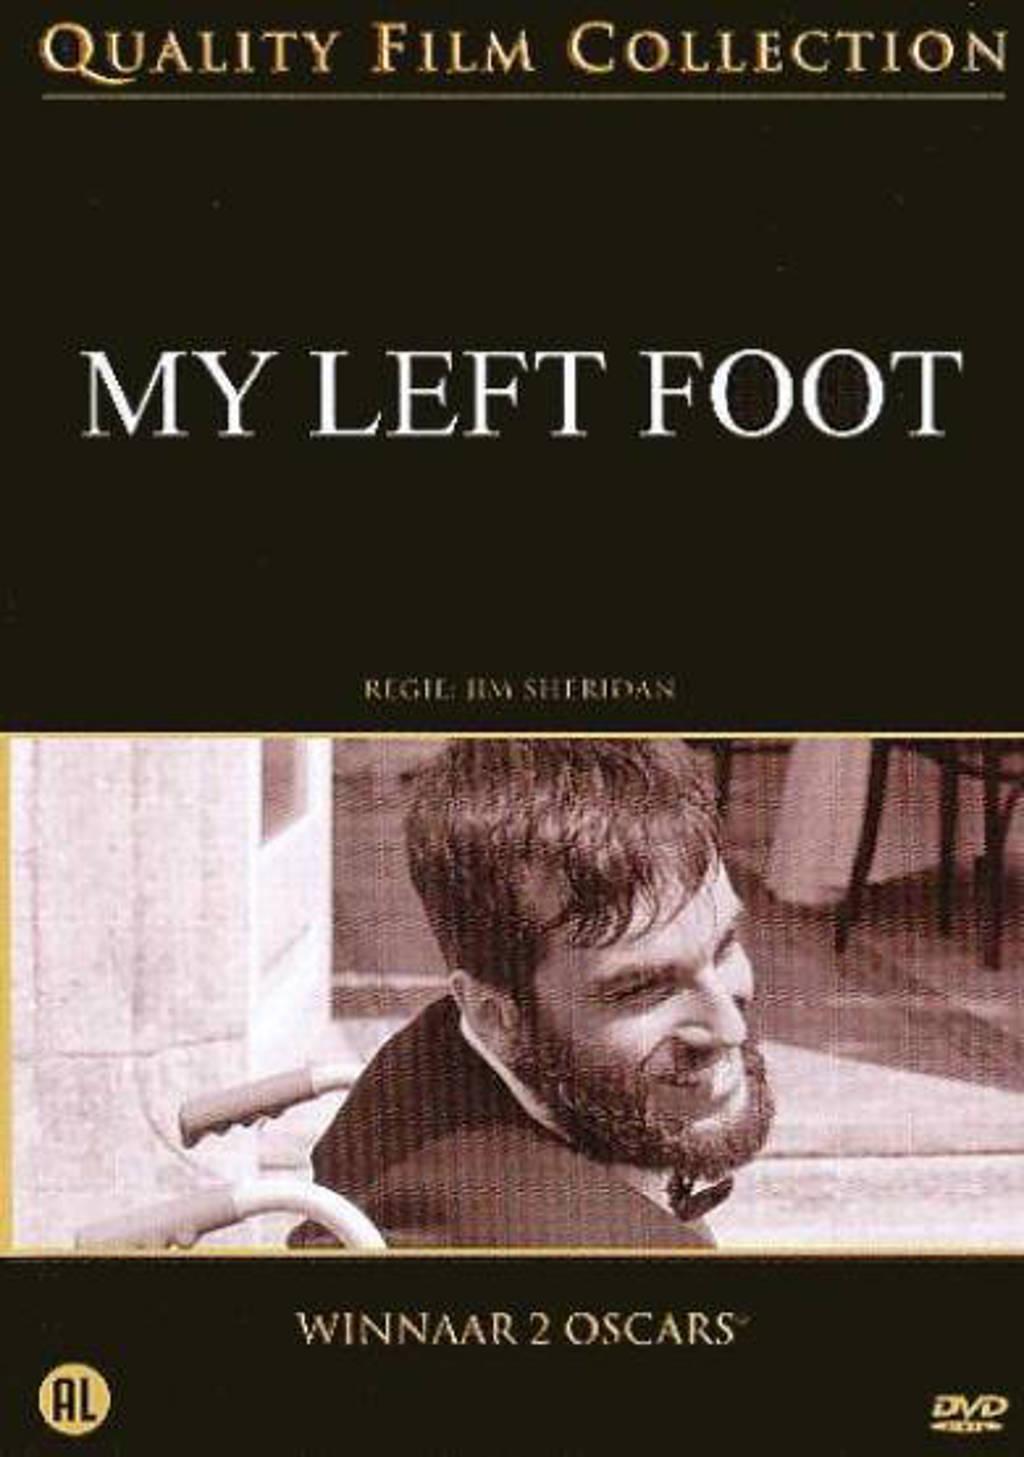 My left foot (DVD)